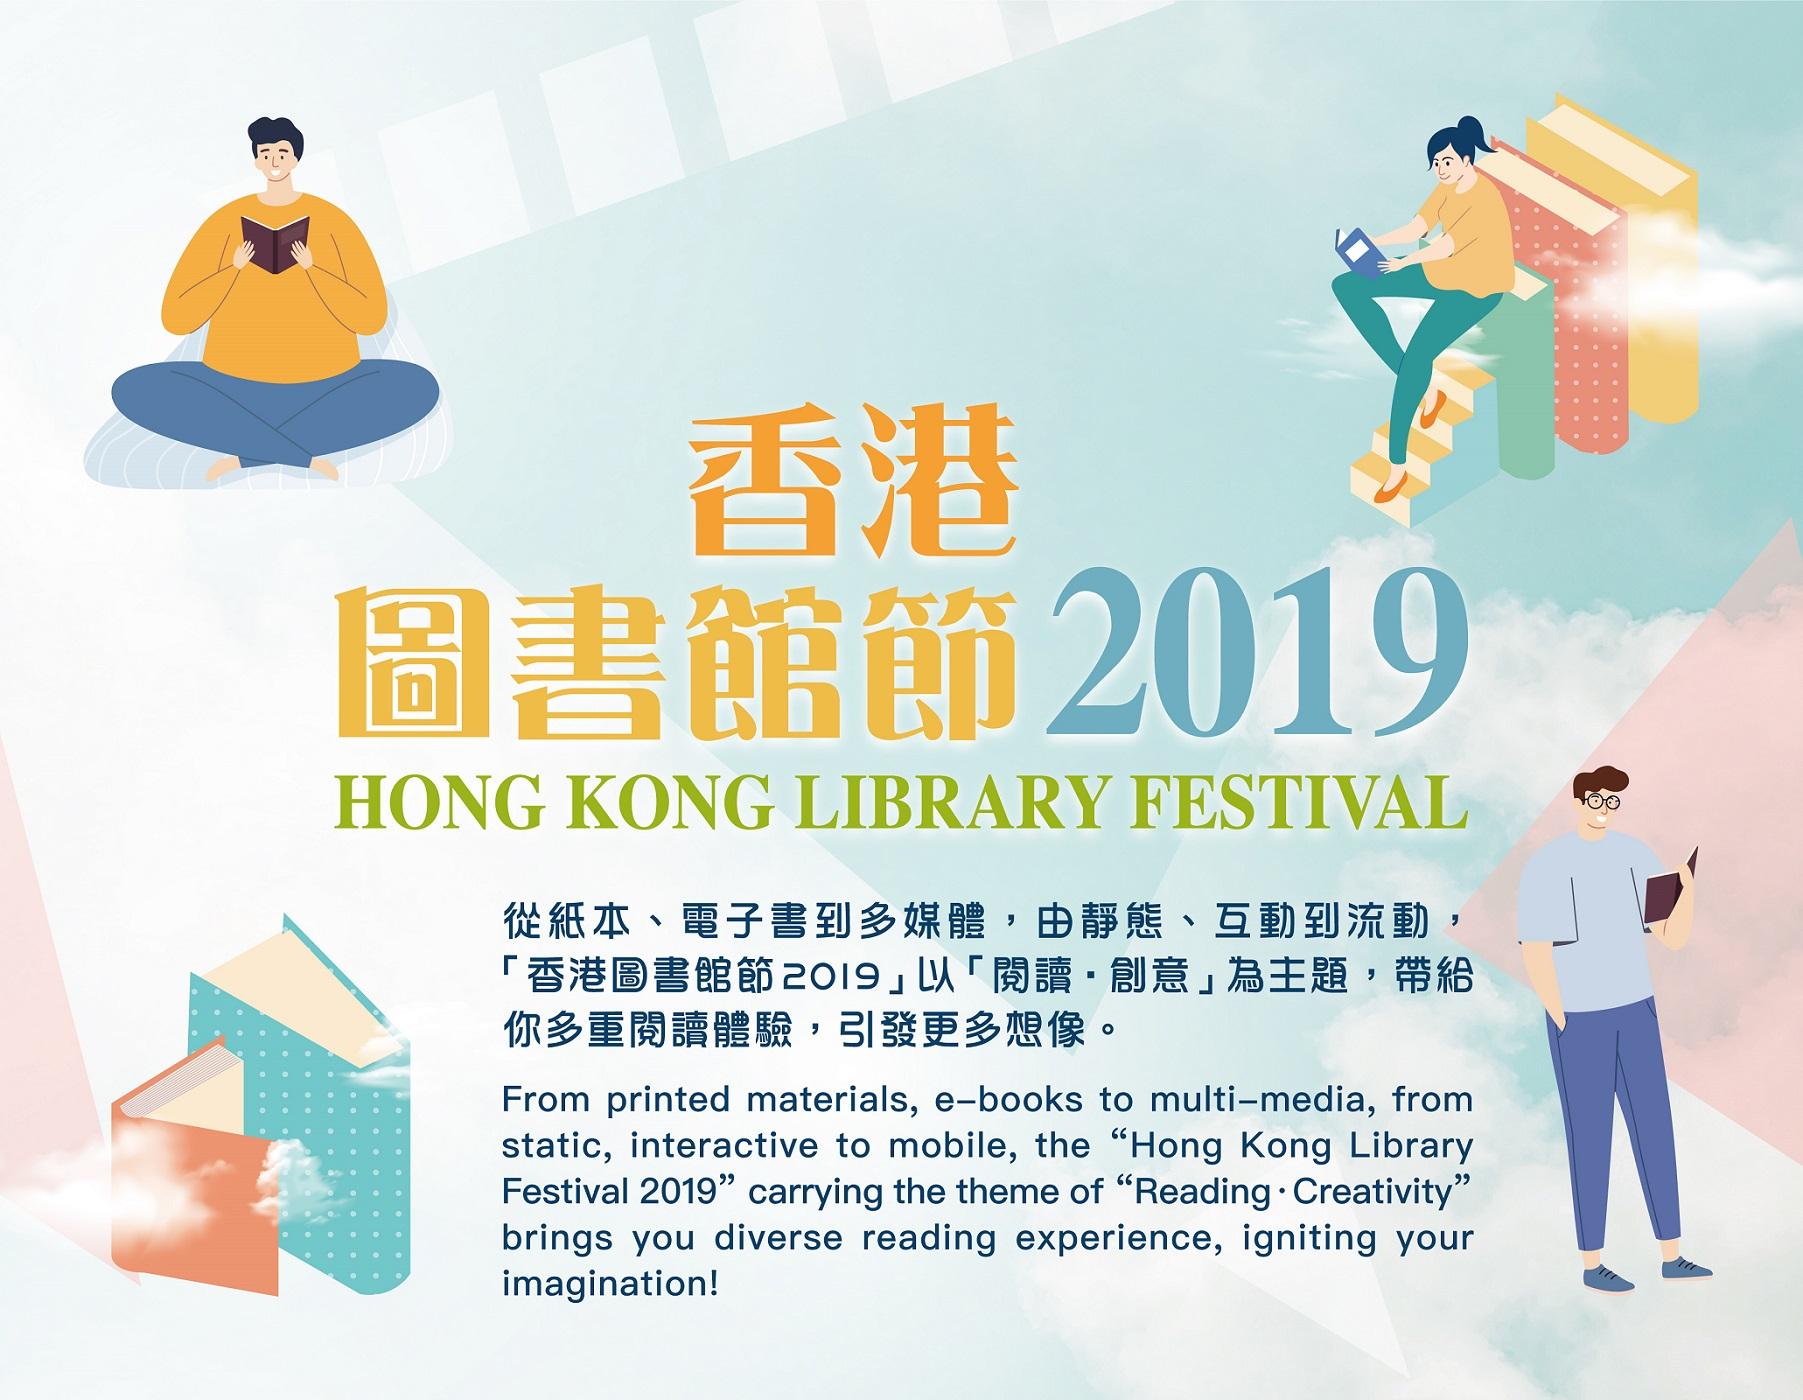 2019閱讀延伸活動-香港公共圖書館講座